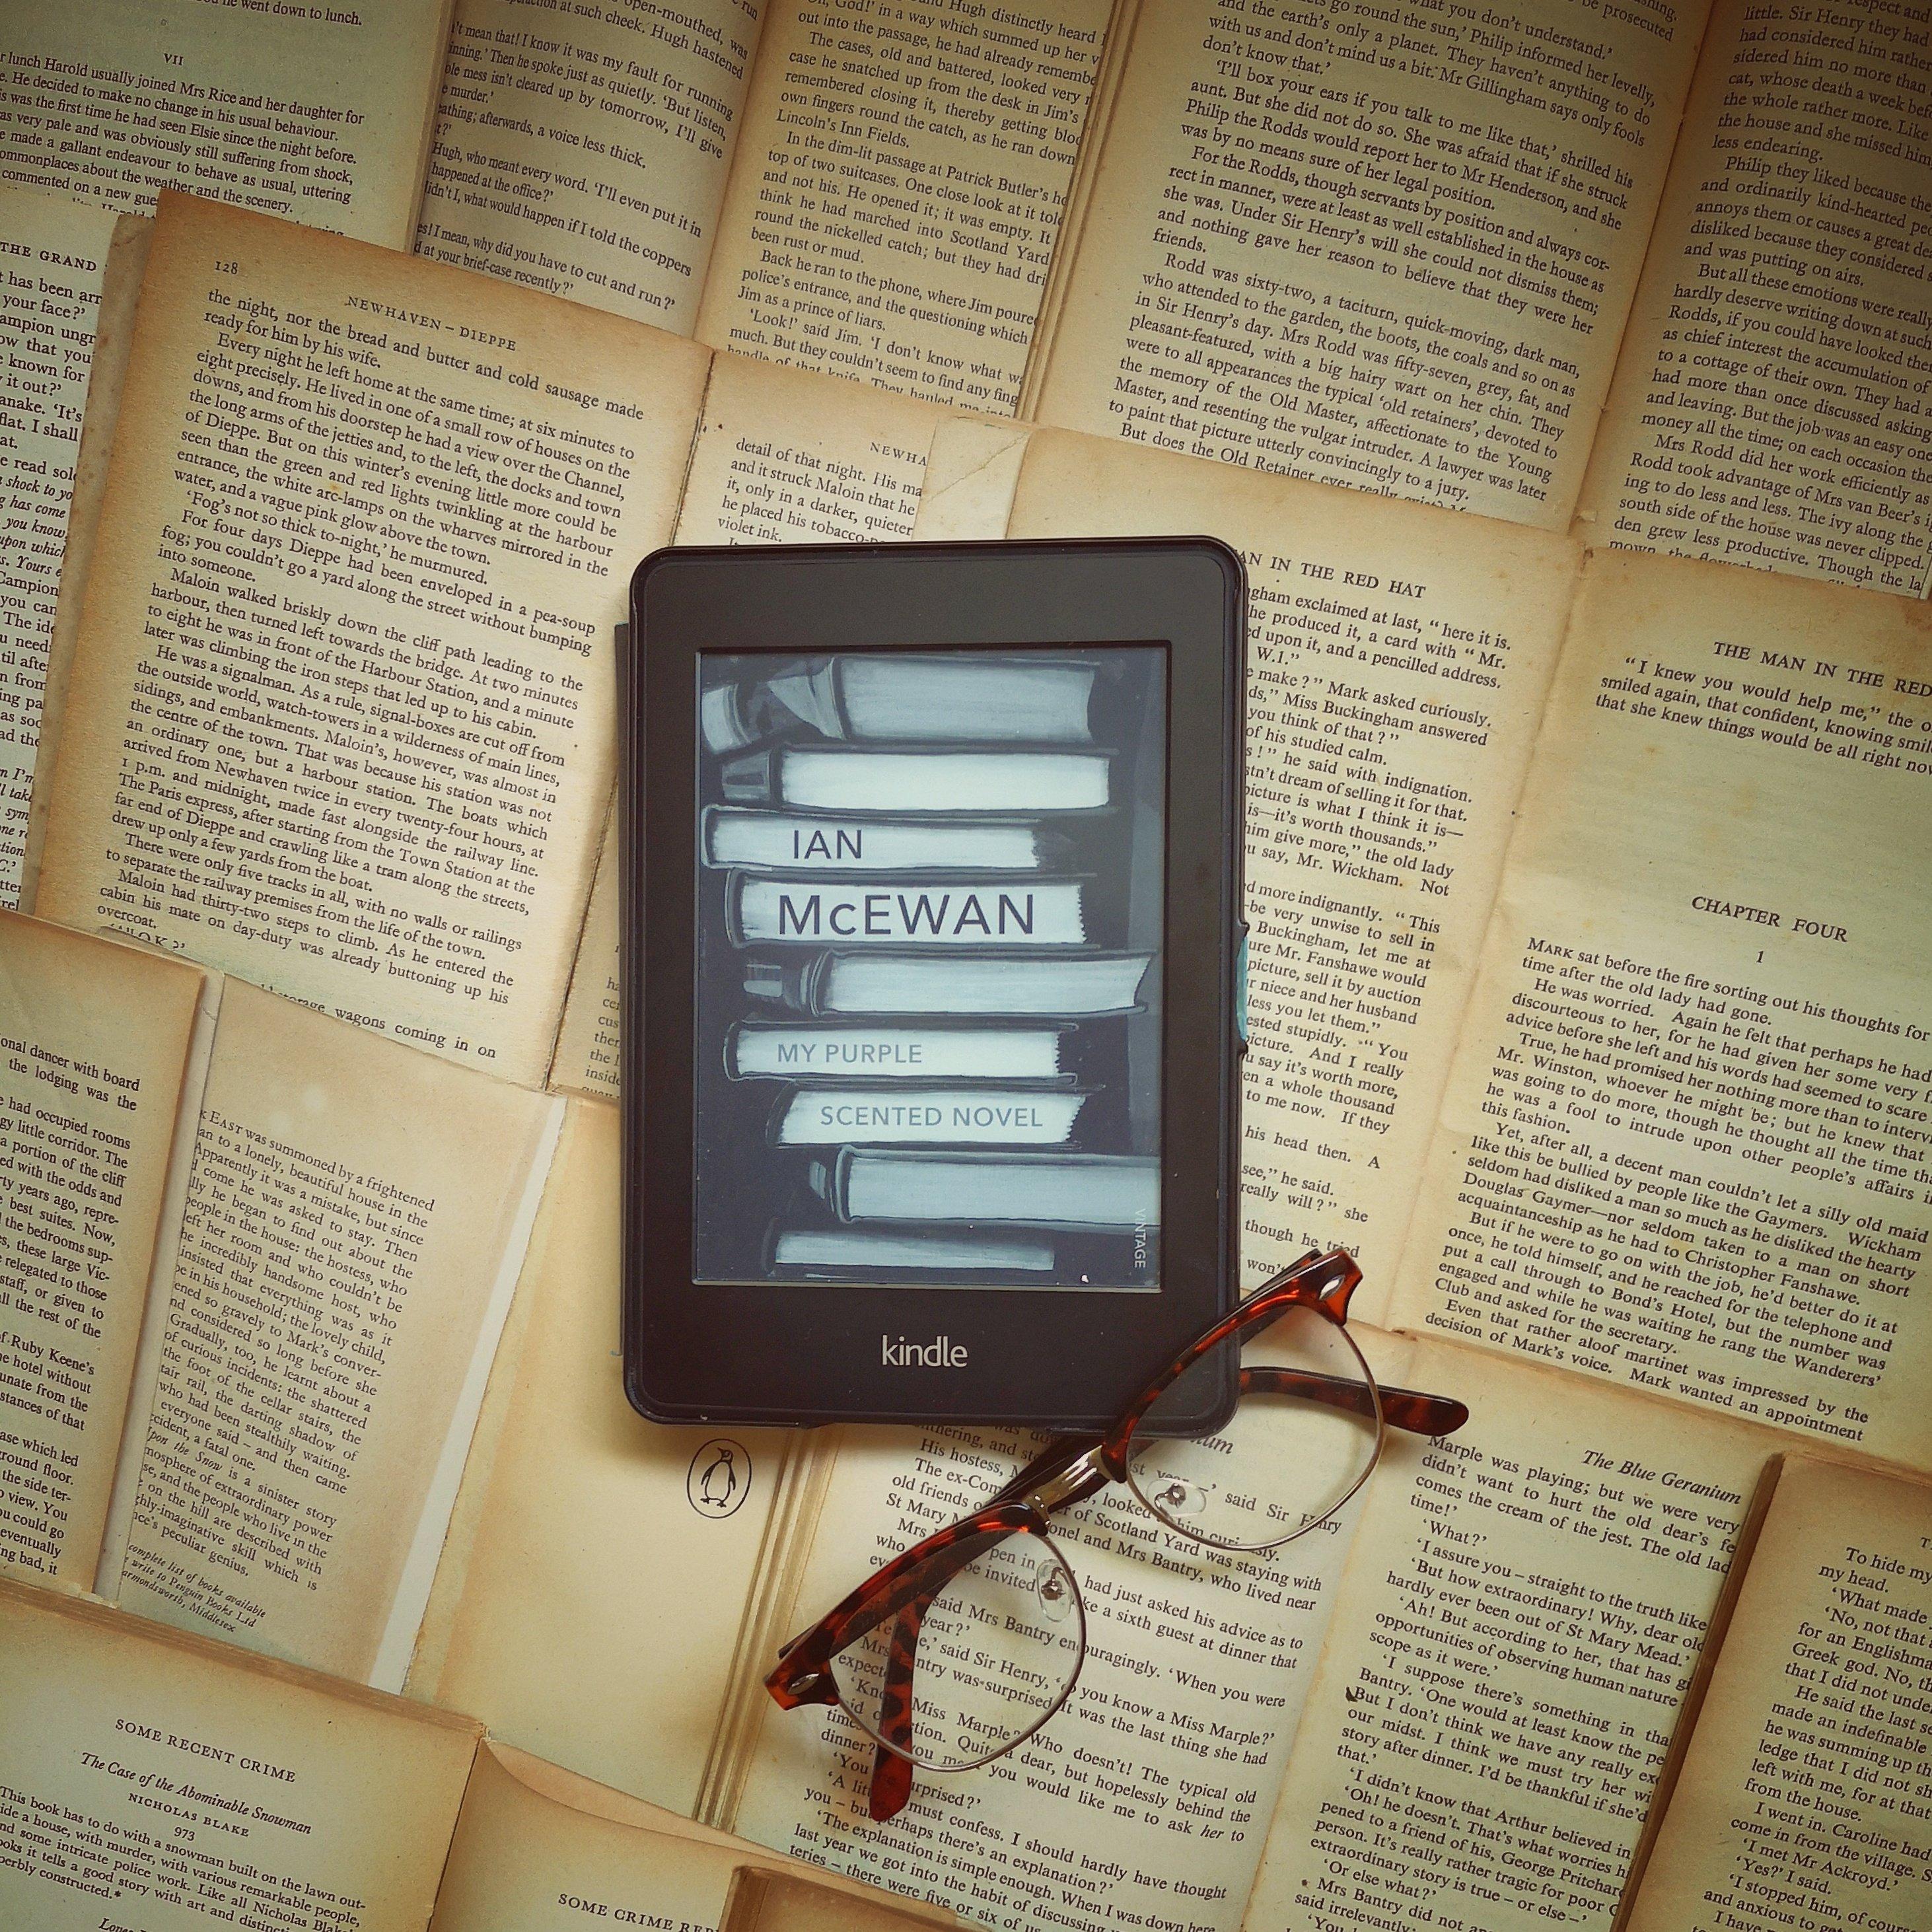 Kindle and glasses on vintage books